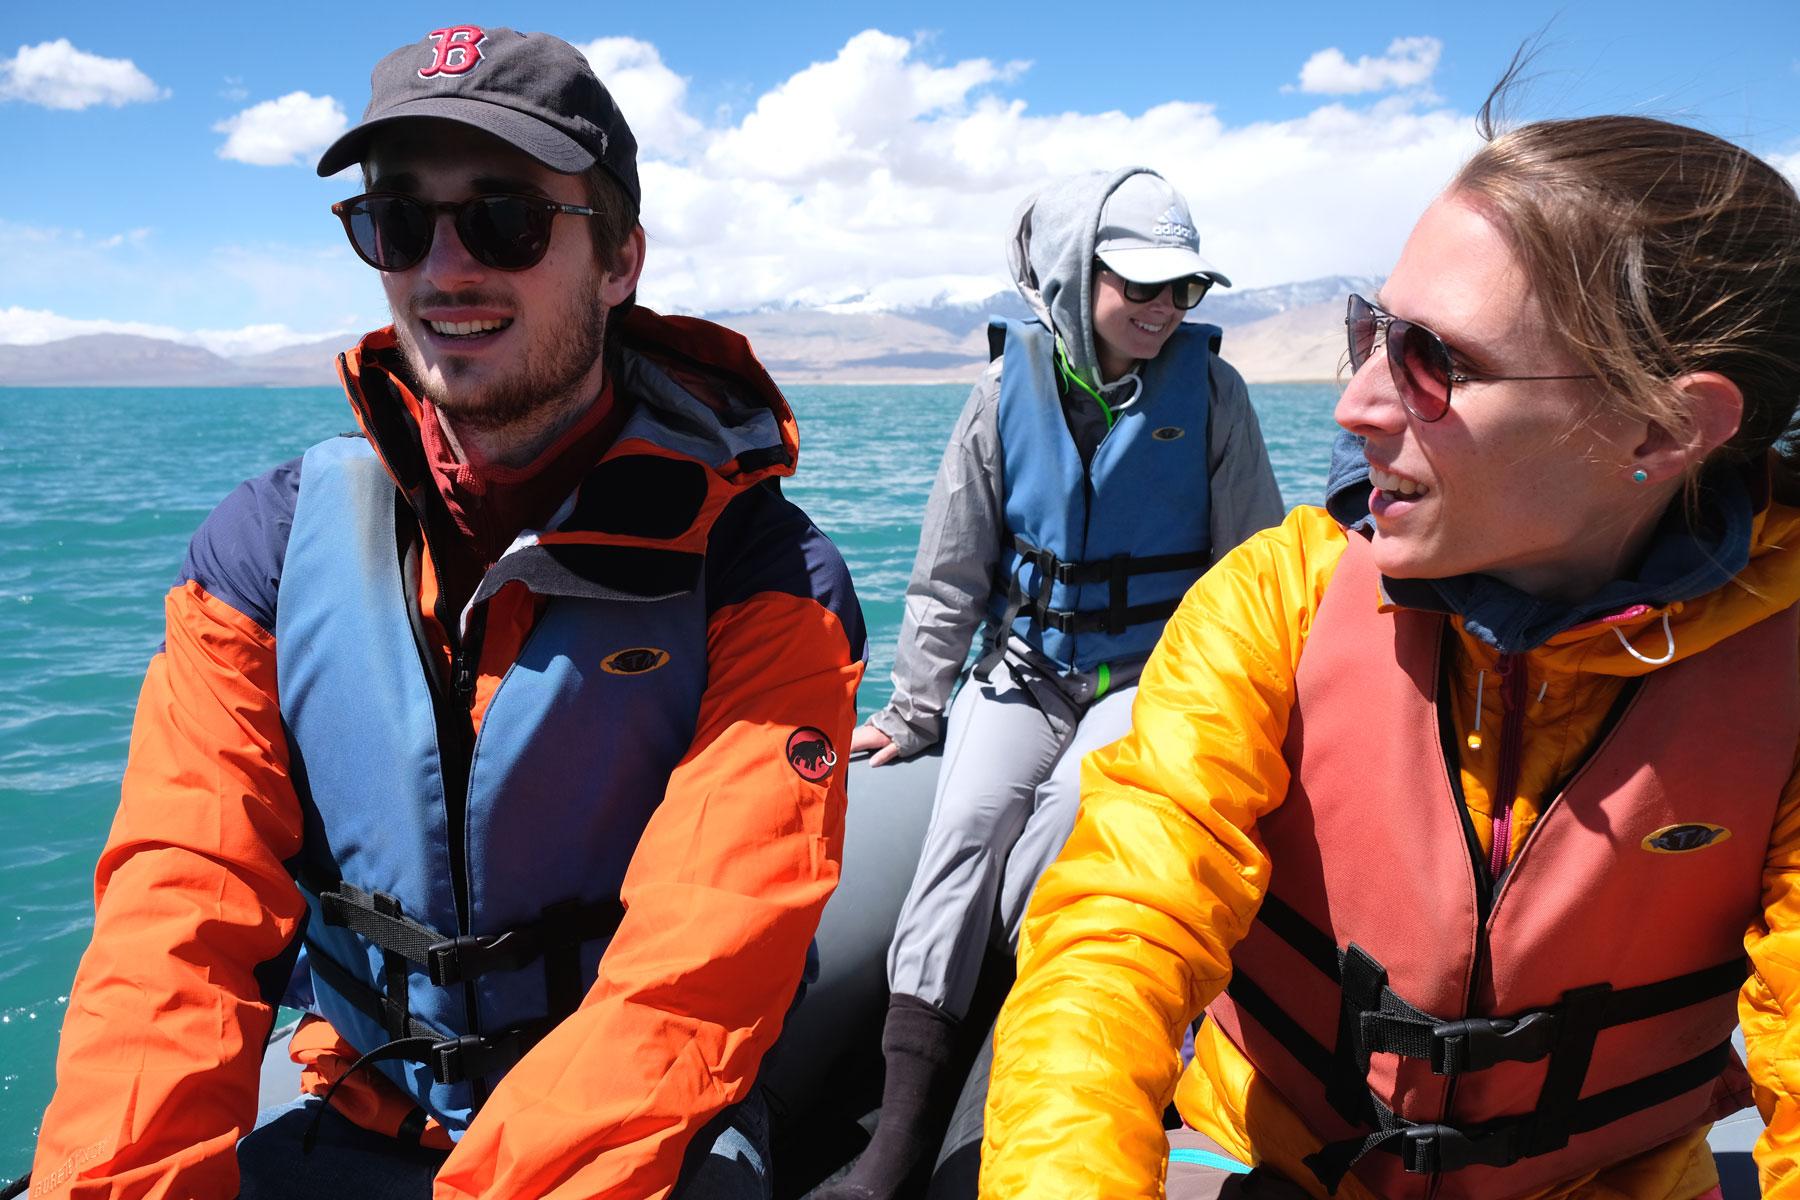 Leo neben Giacomo auf einem Schlauchboot auf dem Karakul See.